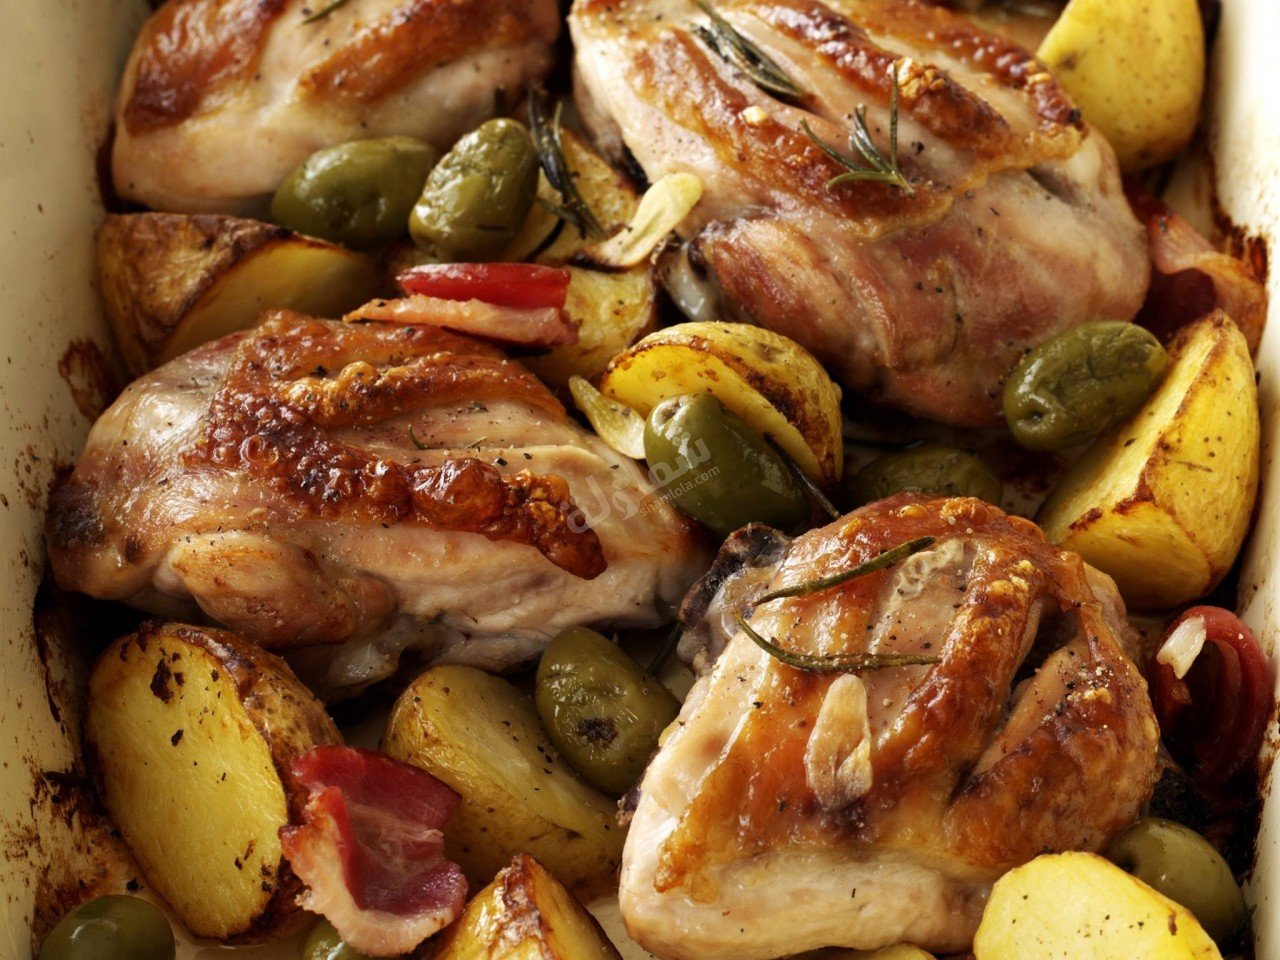 طريقة عمل دجاج بالثوم والبطاطس والروزماري